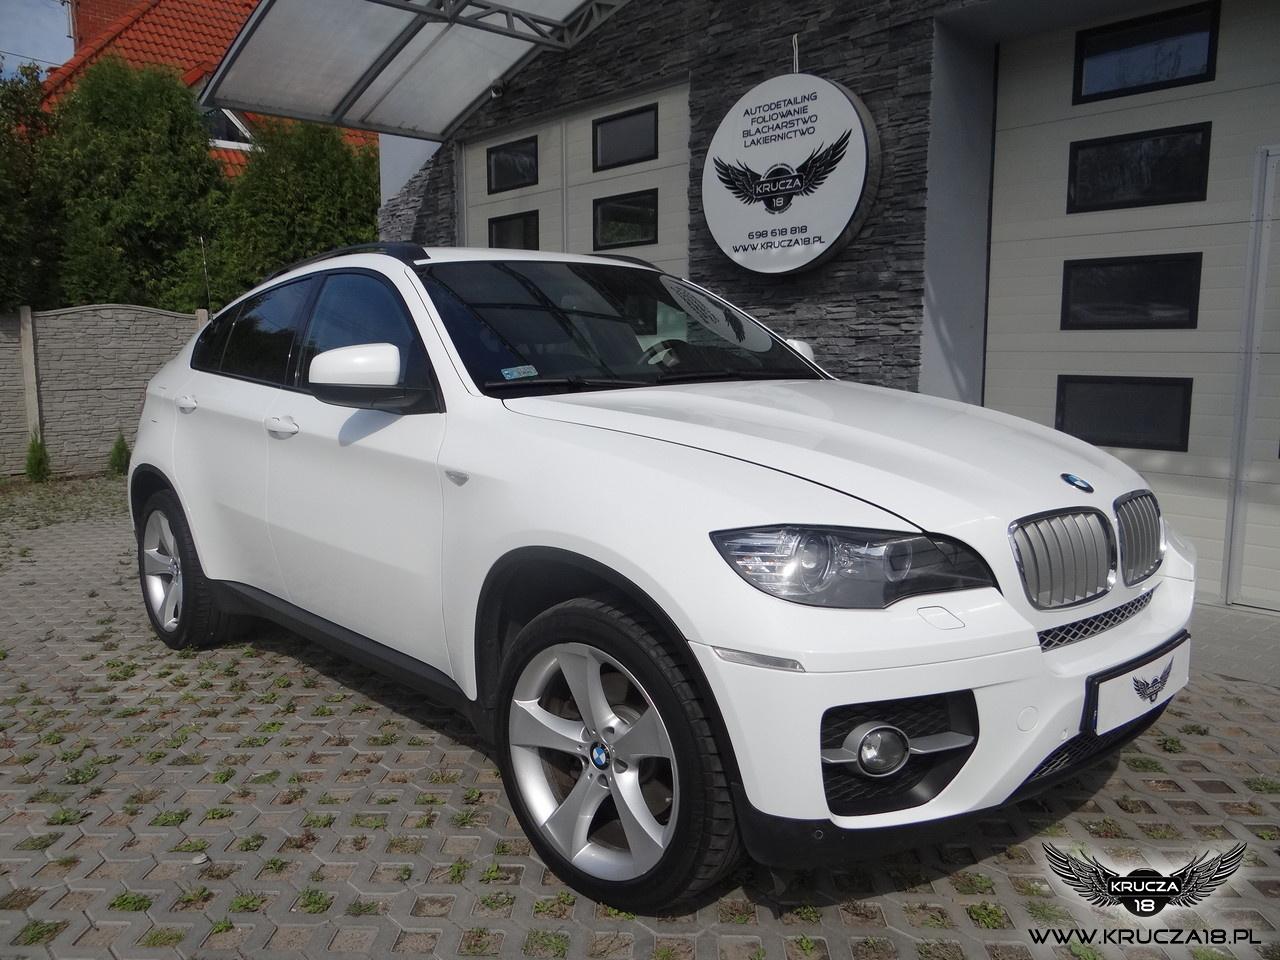 BMW X6 - WHITE METALIC/ARLON